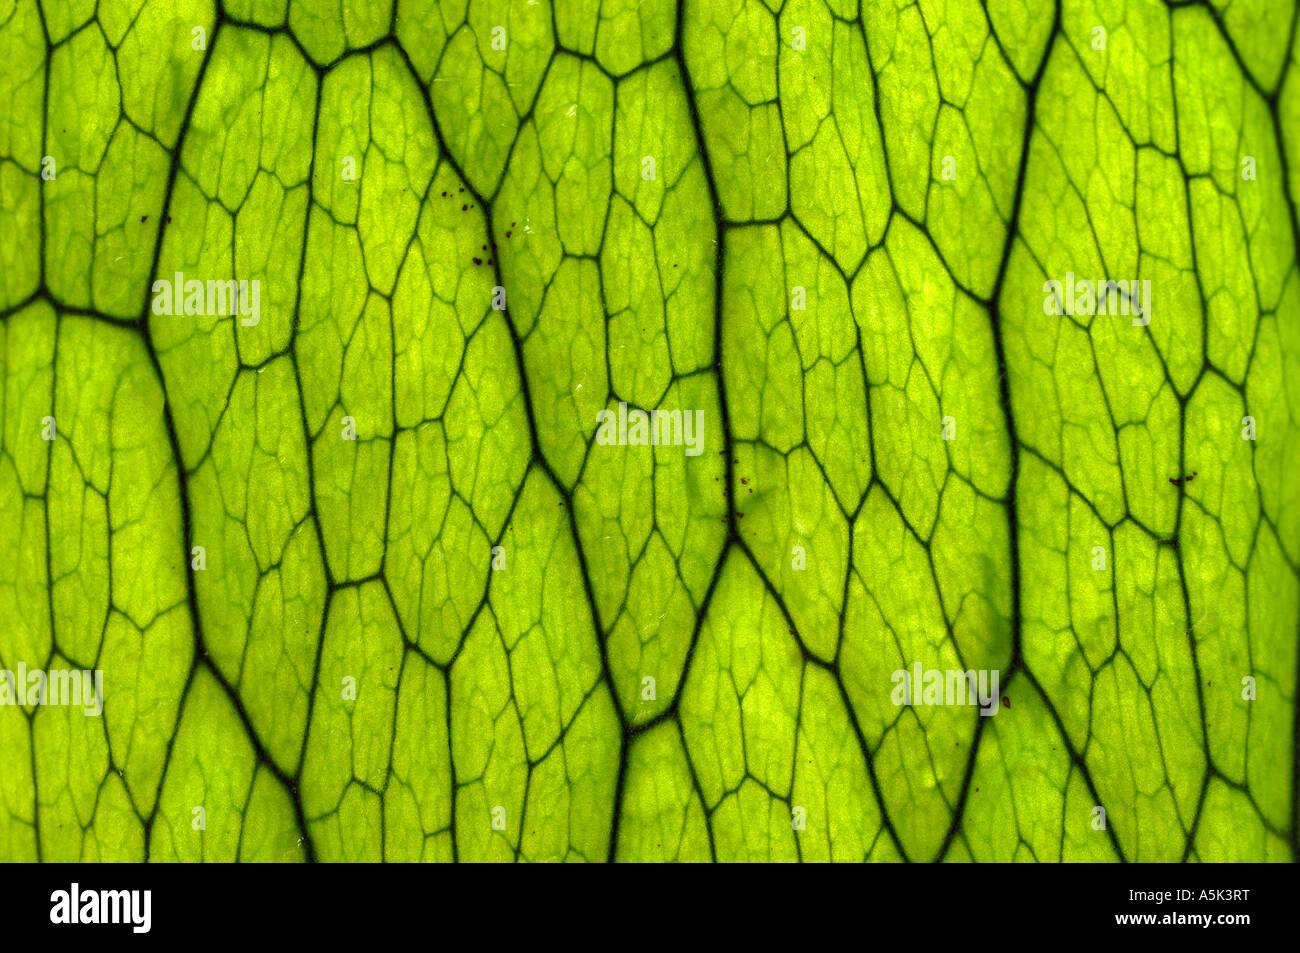 Leafe of Thayeria cornucopia, Bali - Stock Image